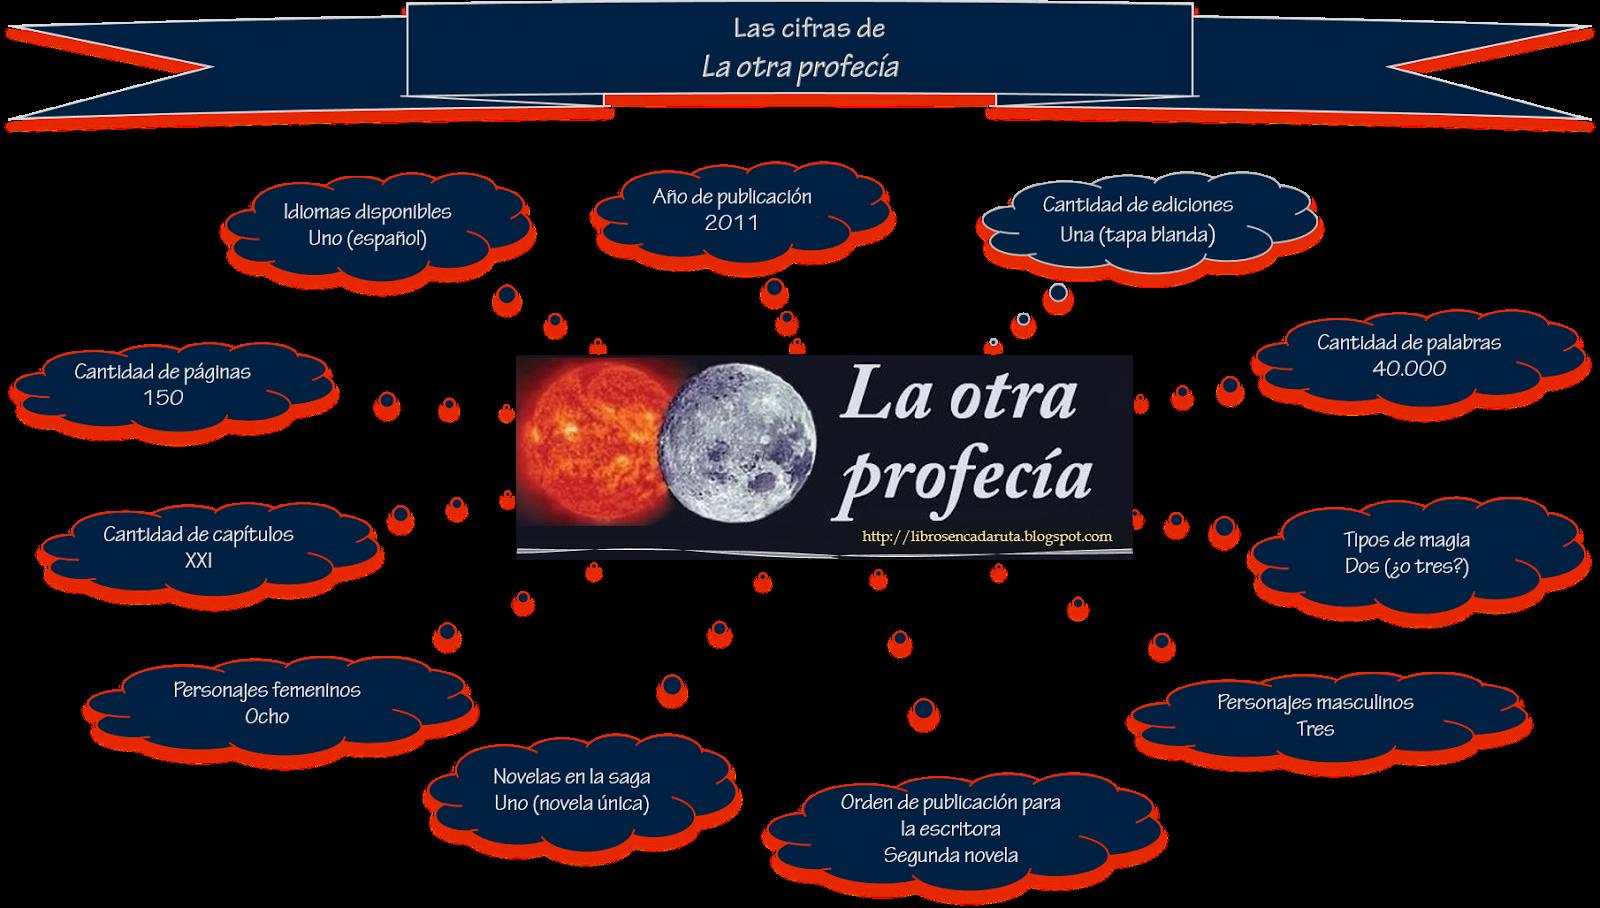 Profecia_infográfico